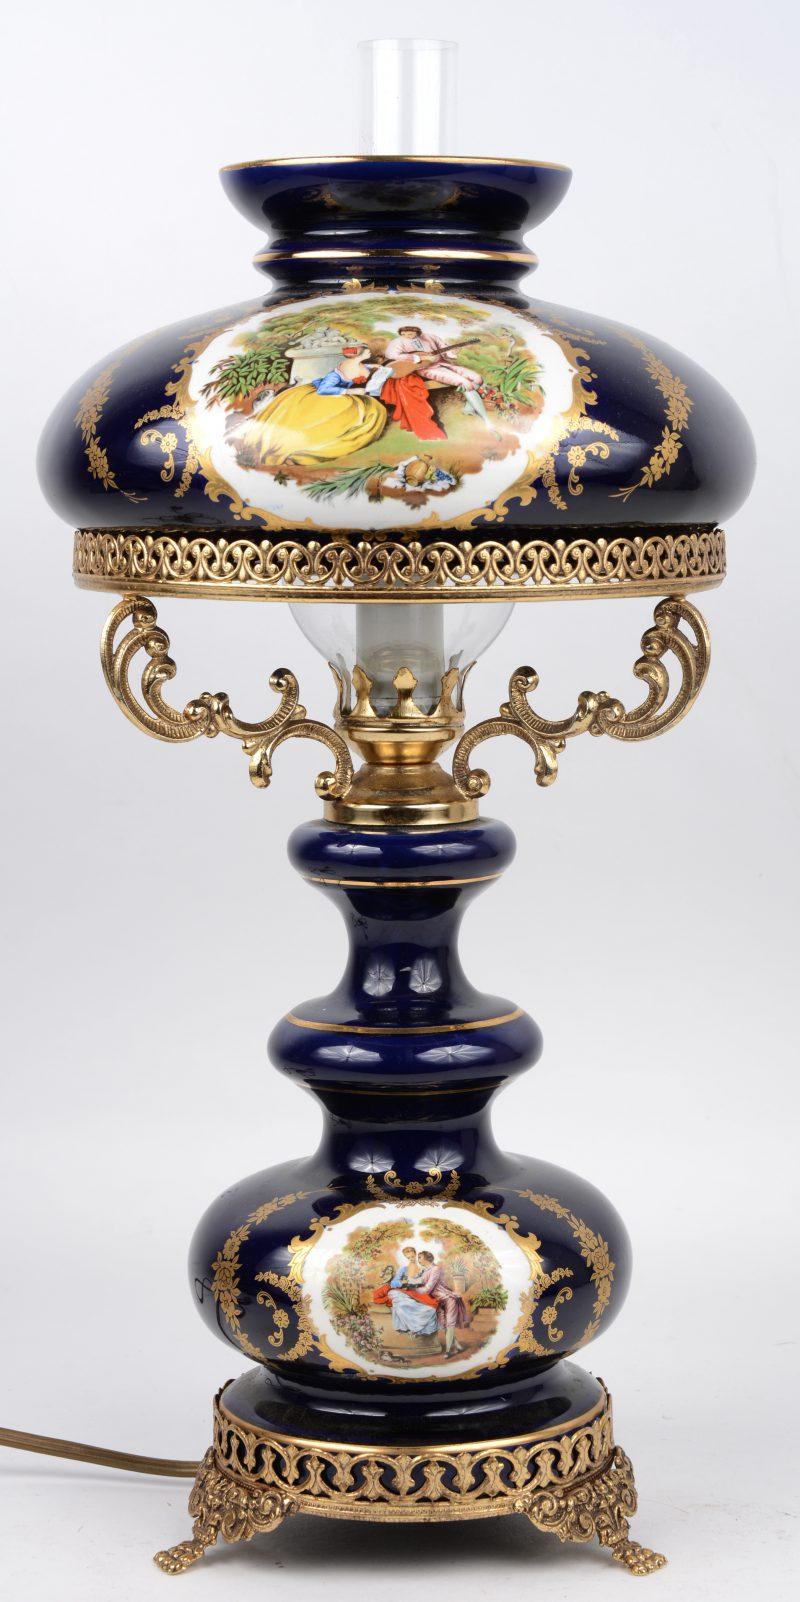 Een lampje van kobaltblauw porselein met messingen montuur in de stijl van het Sèvresporselein.